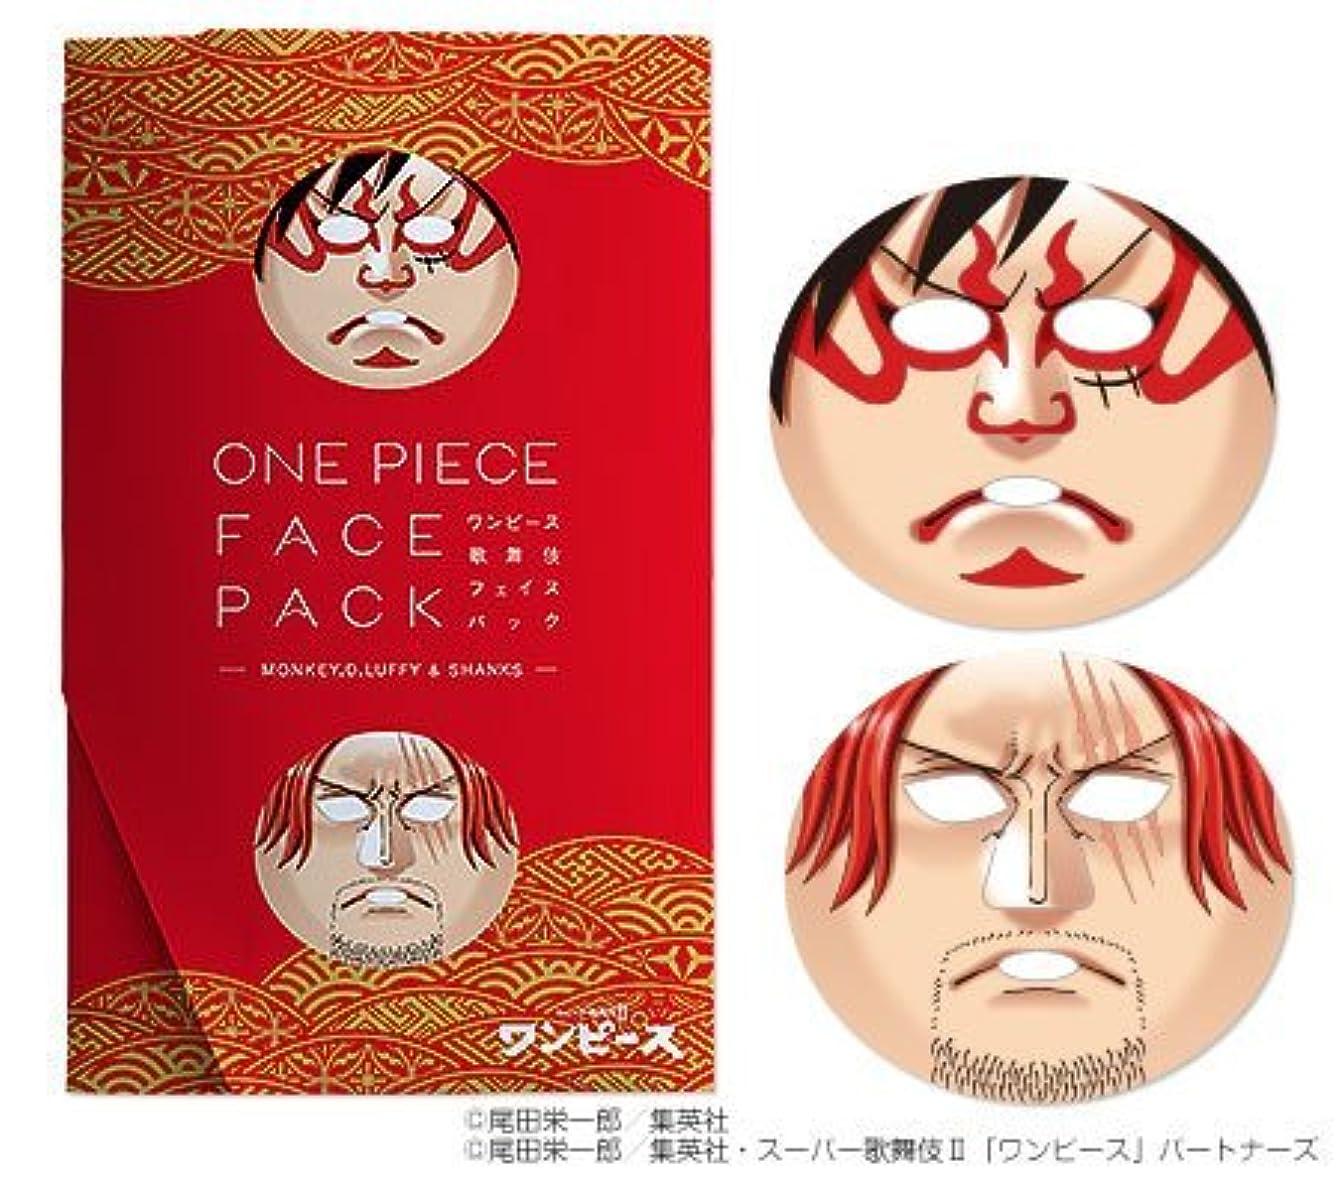 ホバー地中海封建ワンピース 歌舞伎 フェイスパック (モンキー.D.ルフィ&赤髪のシャンクス)